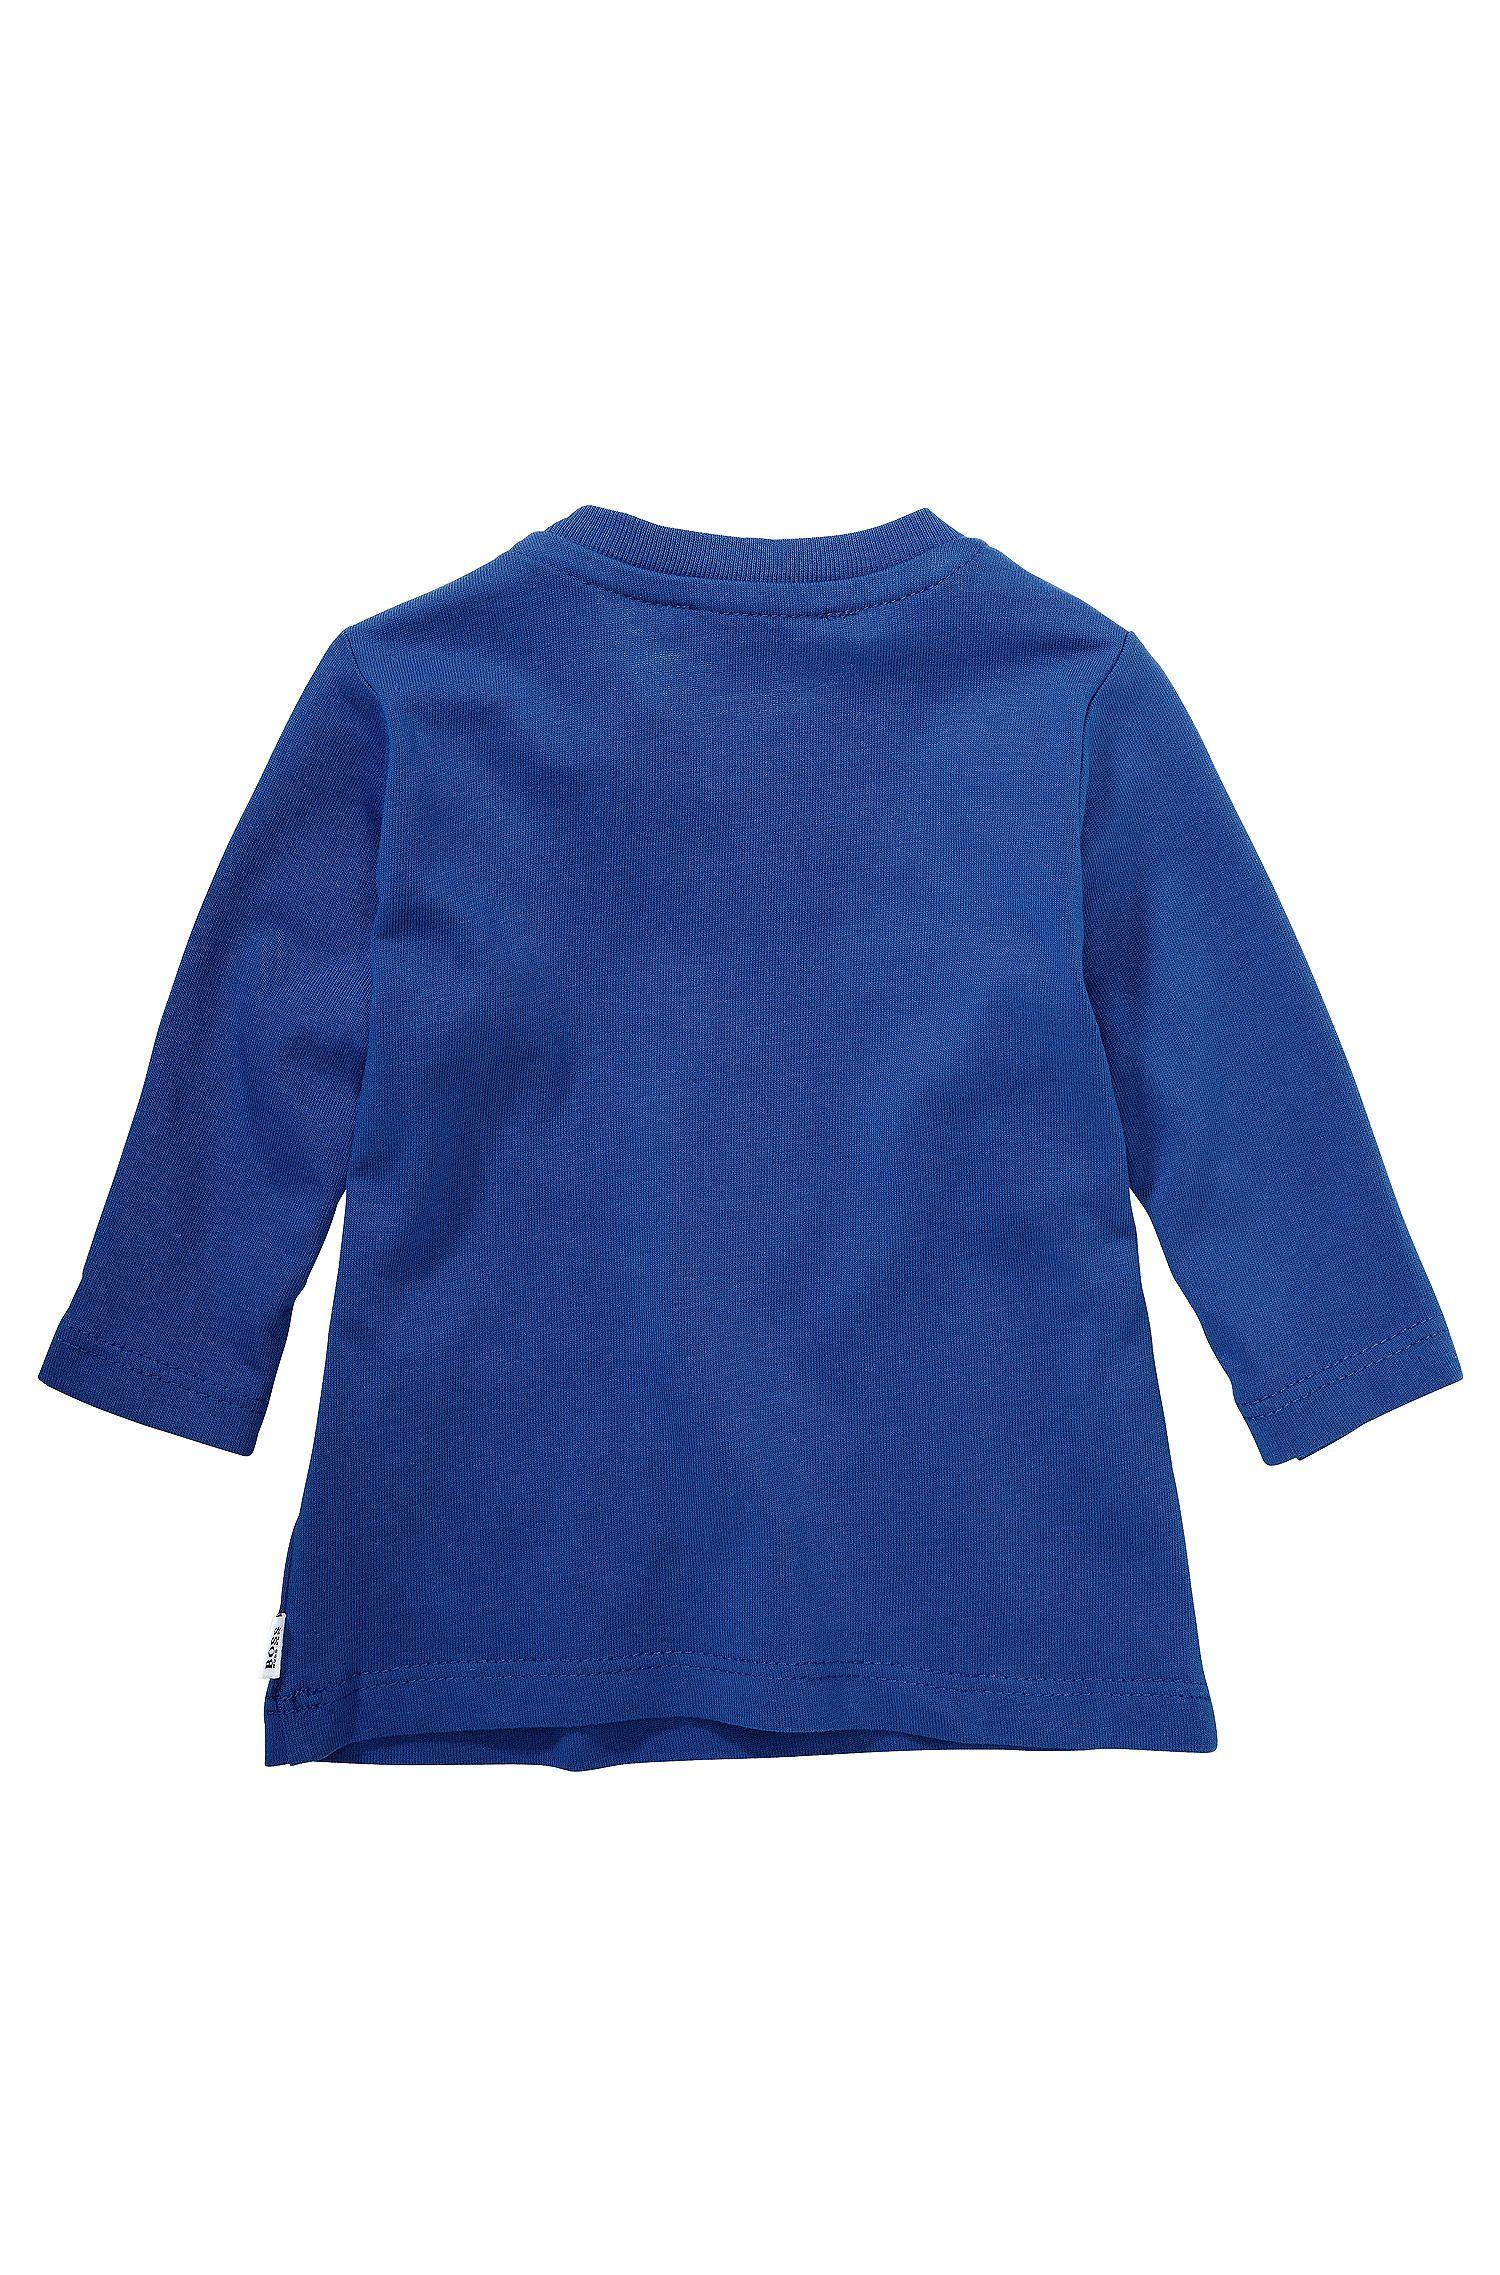 Kindershirt met lange mouwen 'J05313' van katoen